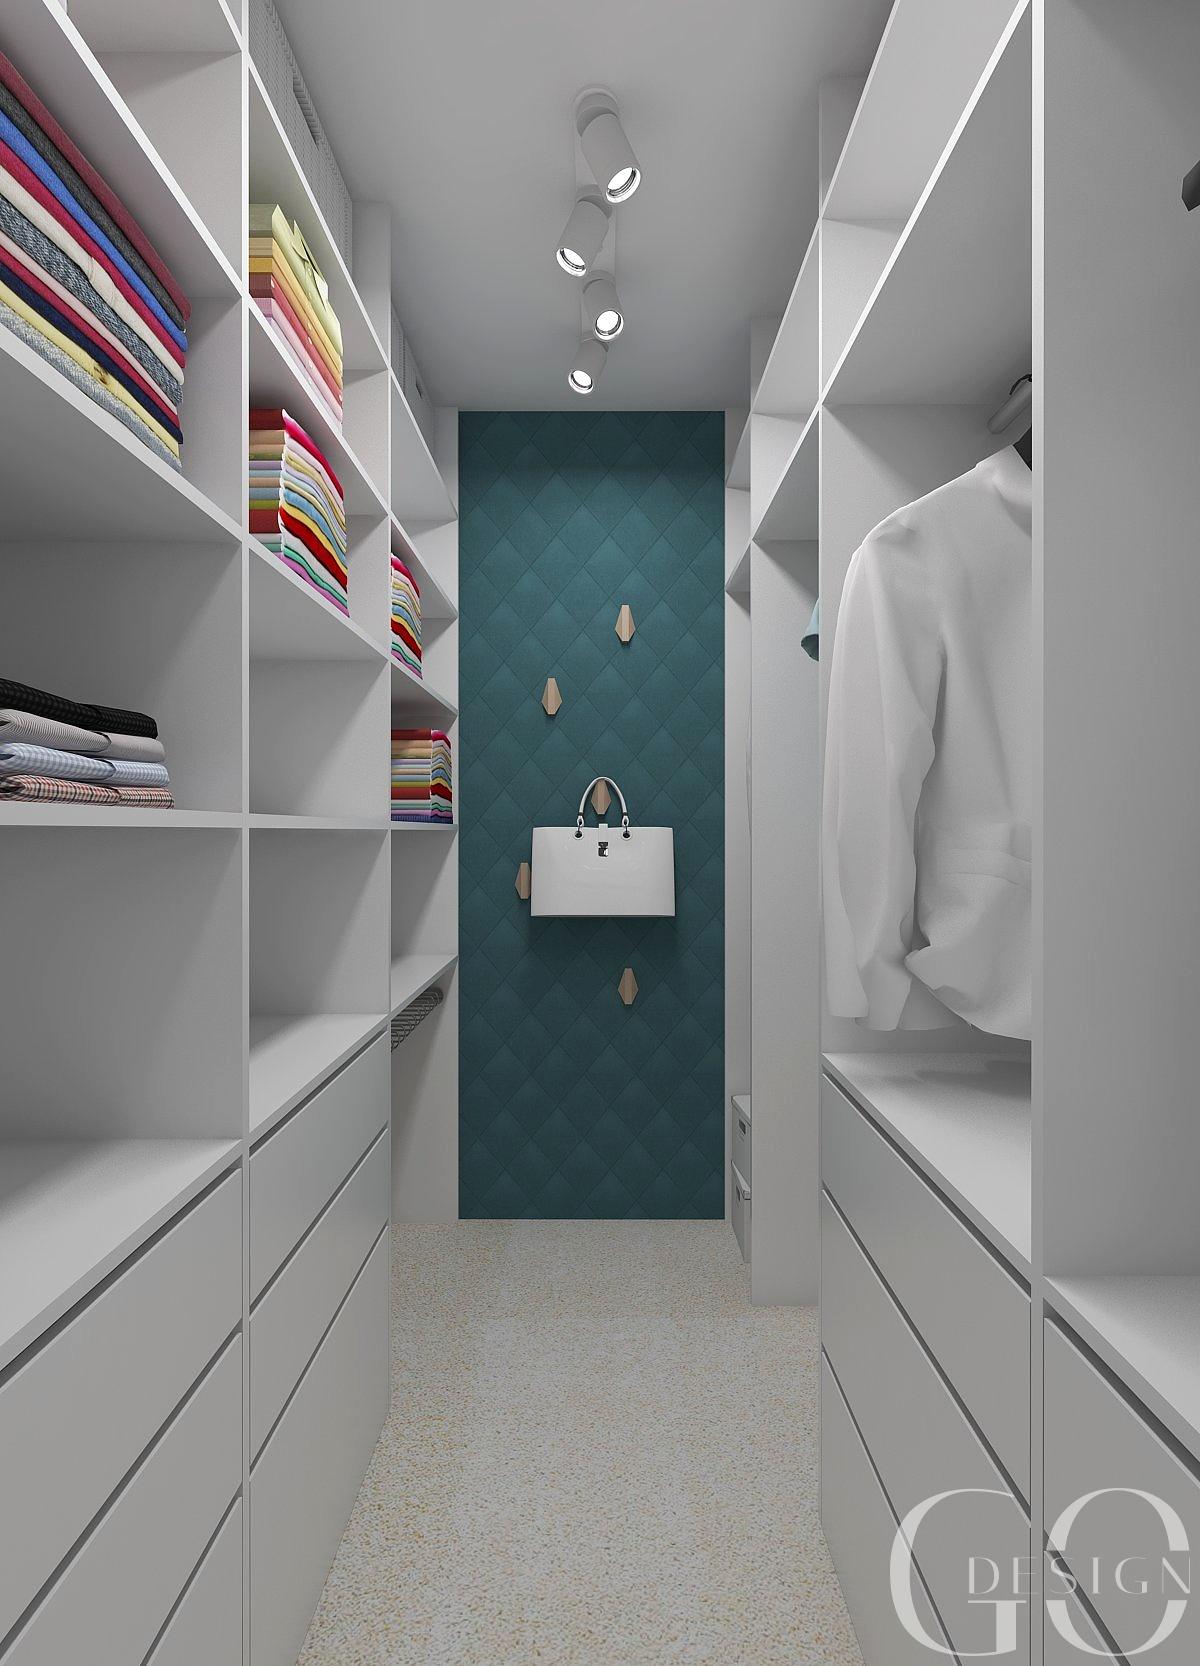 interiérový design šatník GO DESIGN